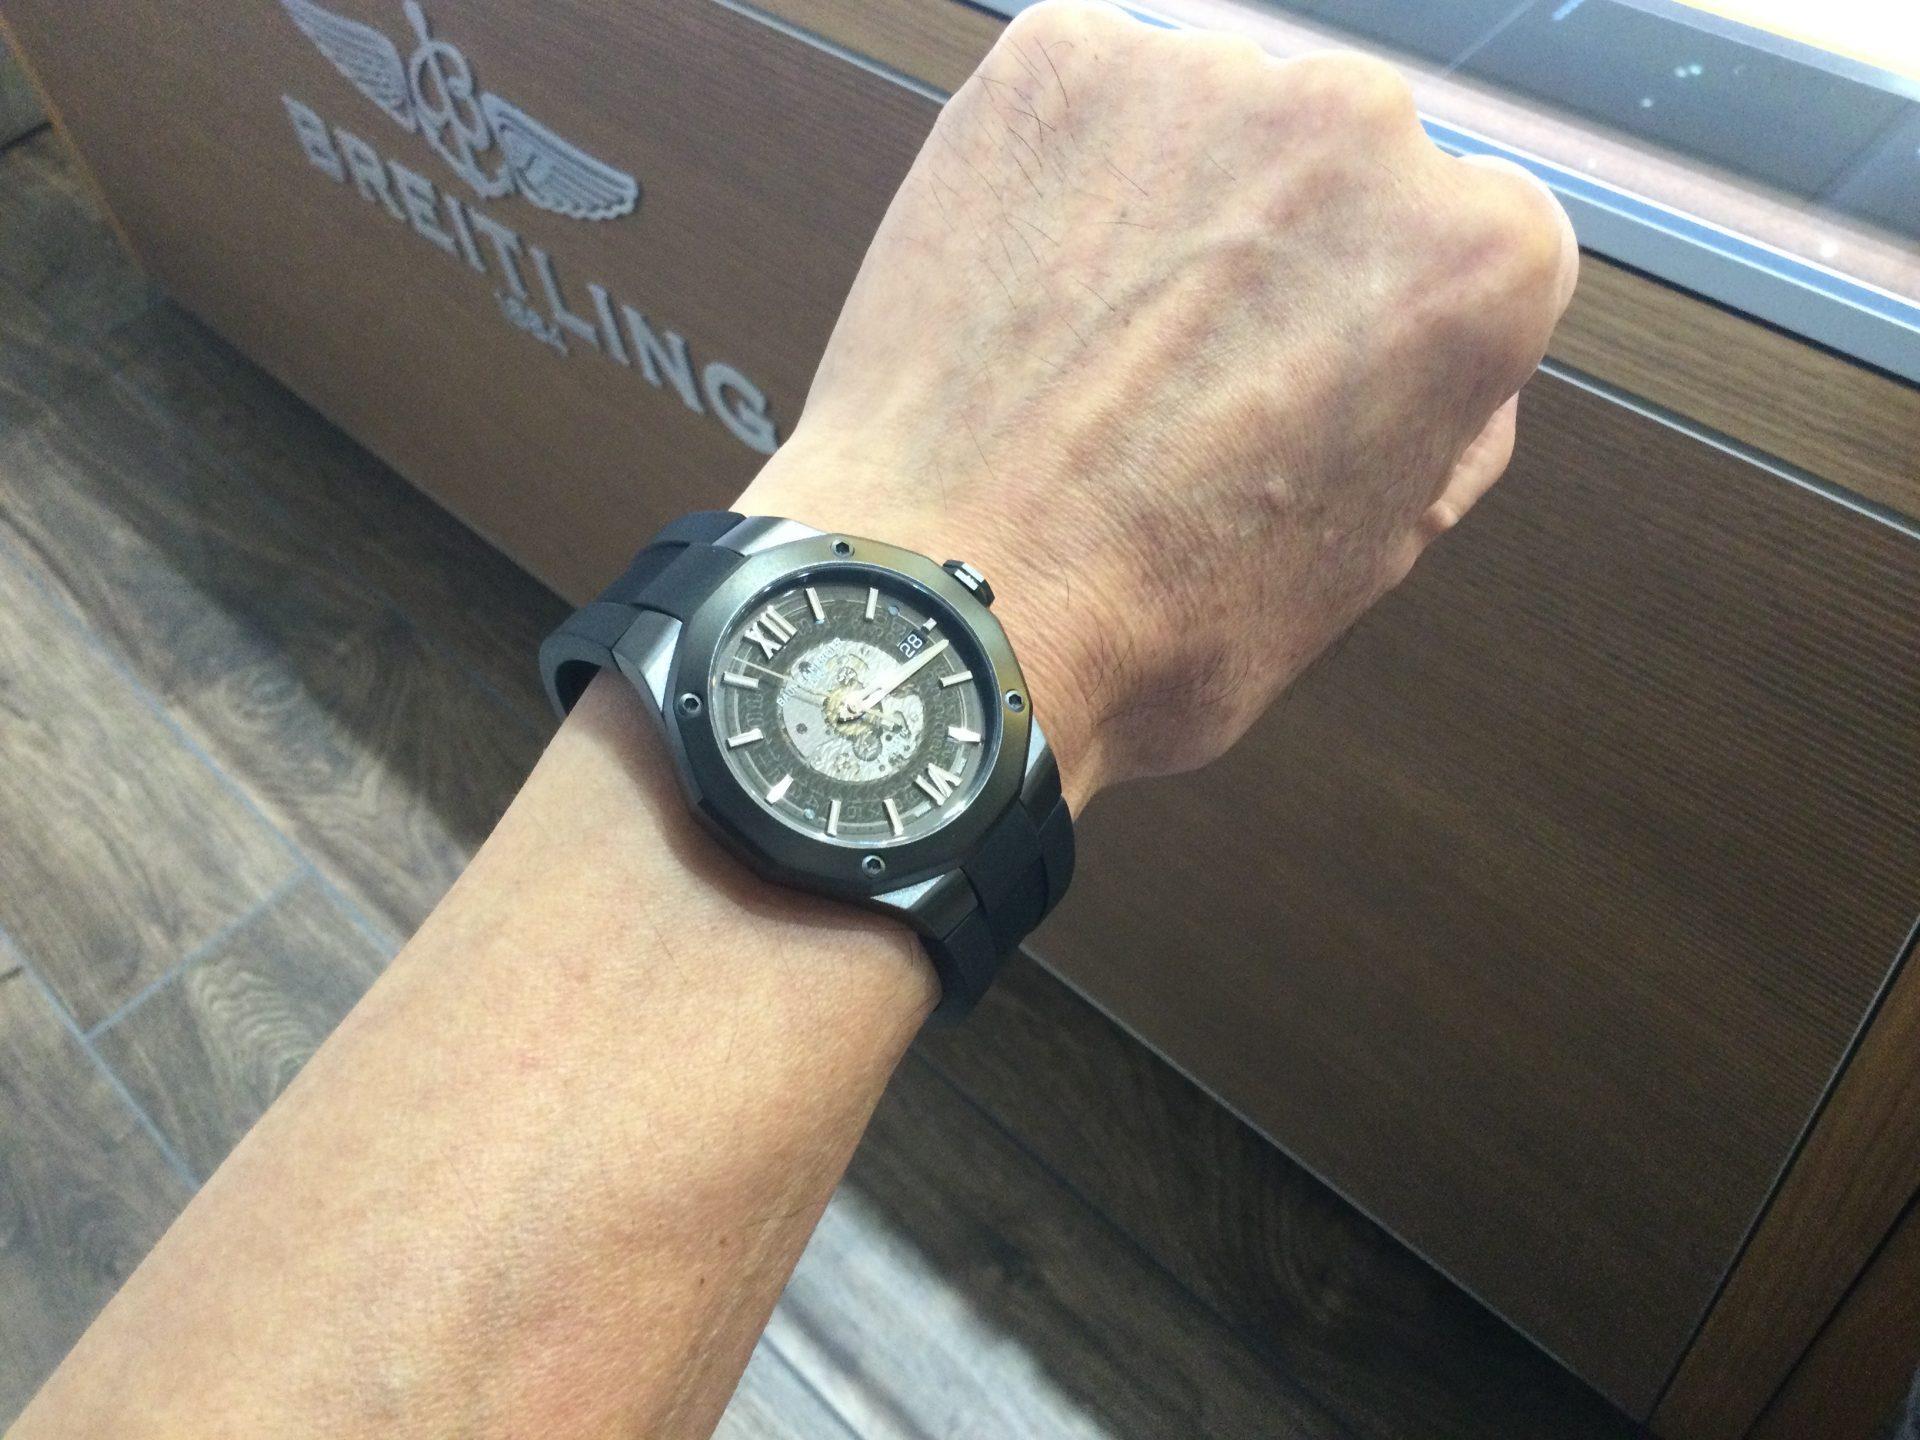 ボーム&メルシエのお時計をお買い上げ頂きまして、有難うございます!-画像1